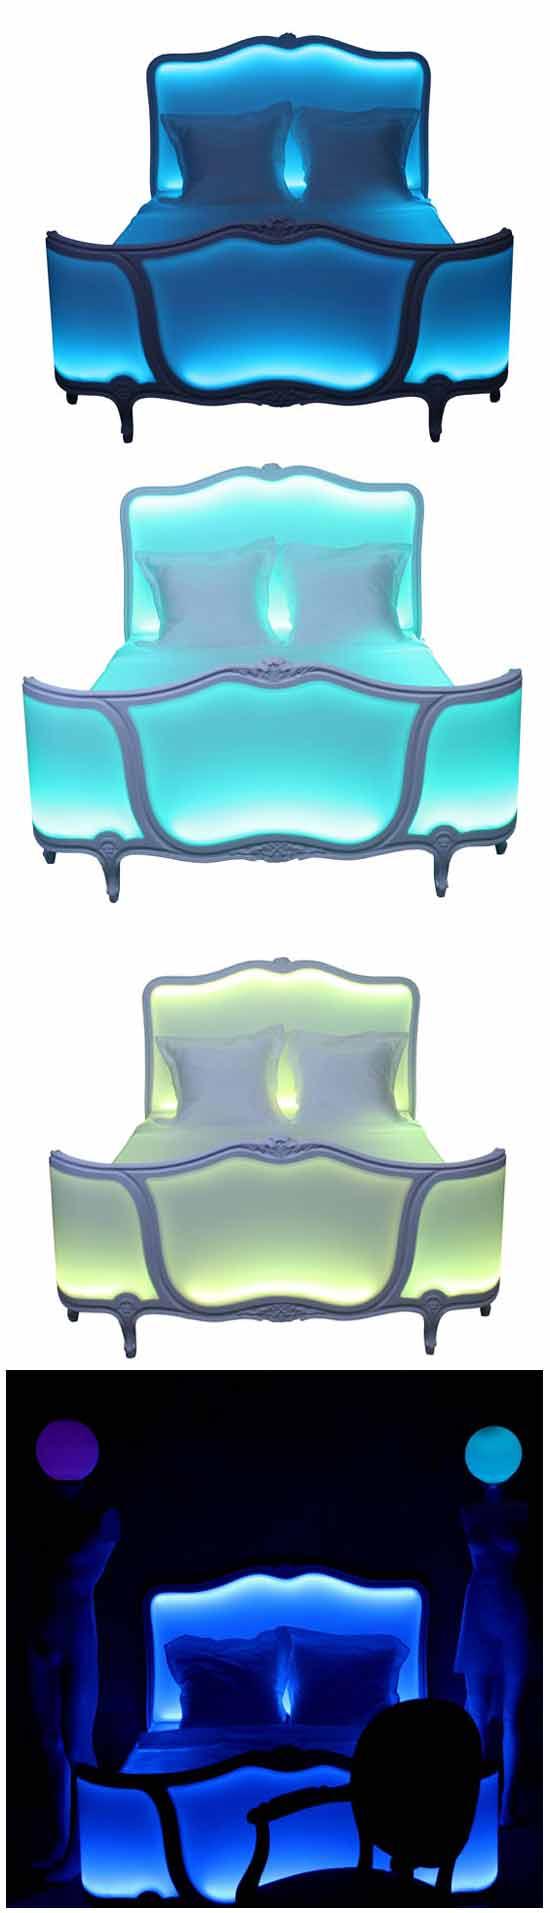 Оригинальные идеи в дизайне: Светящаяся кровать